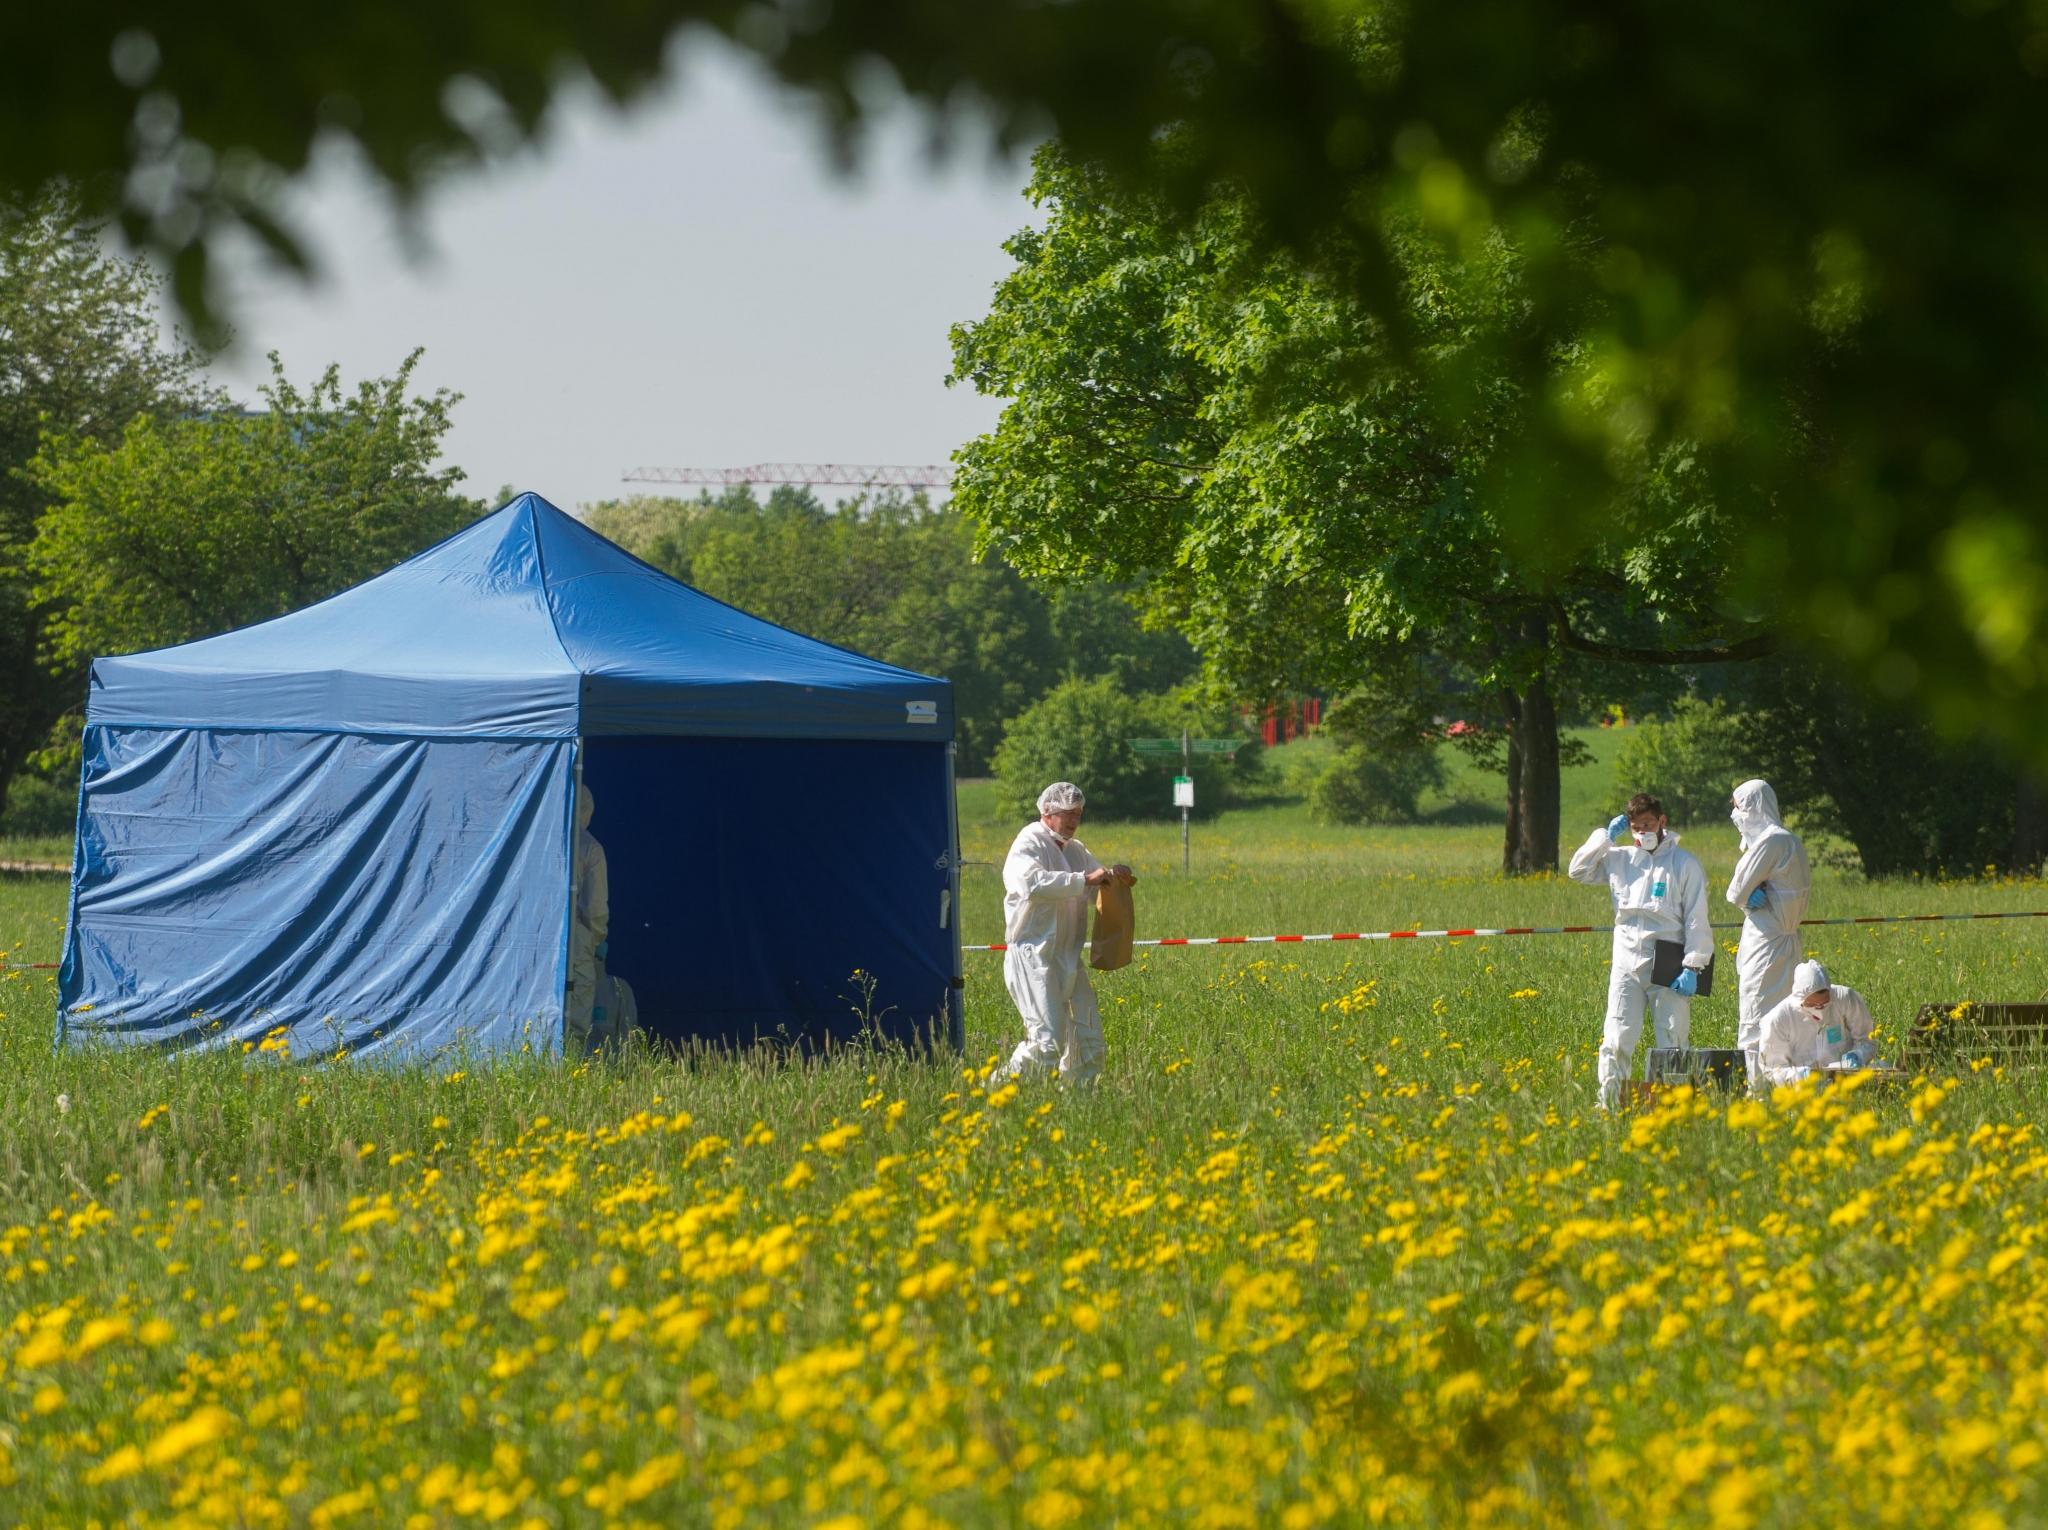 Leichenfund in Frankfurt: Spaziergänger entdeckt blutverschmierte Frau - was steckt dahinter?